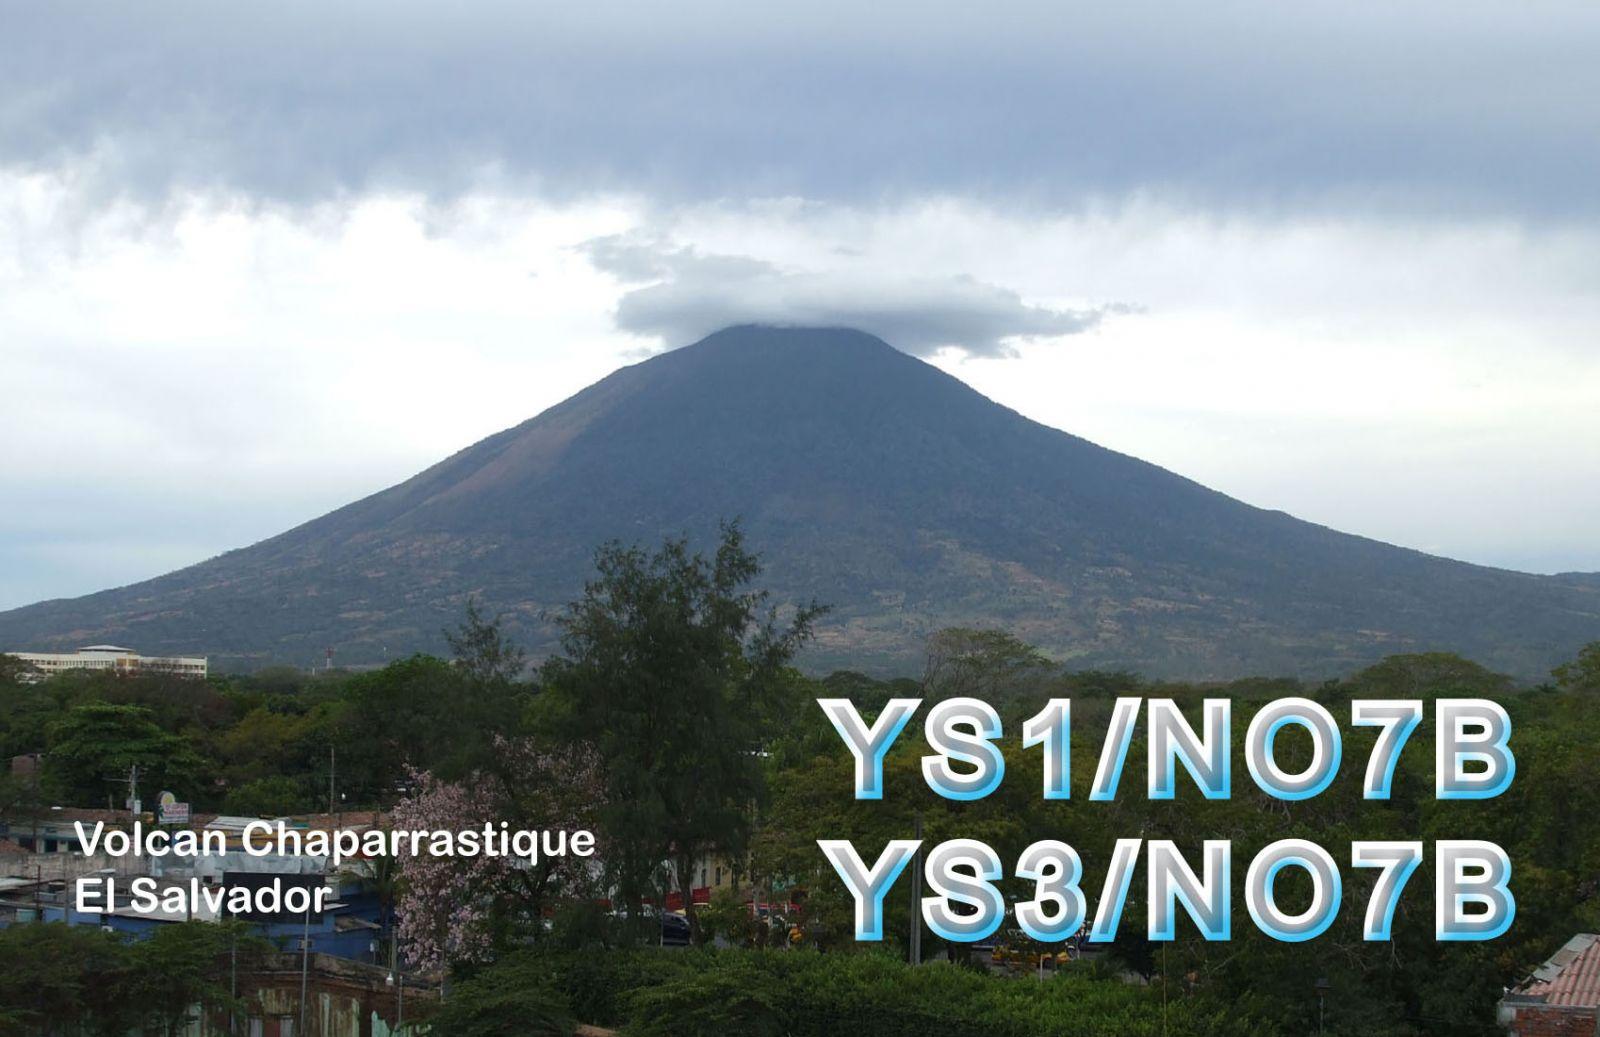 ��� ��������� YS1/NO7B